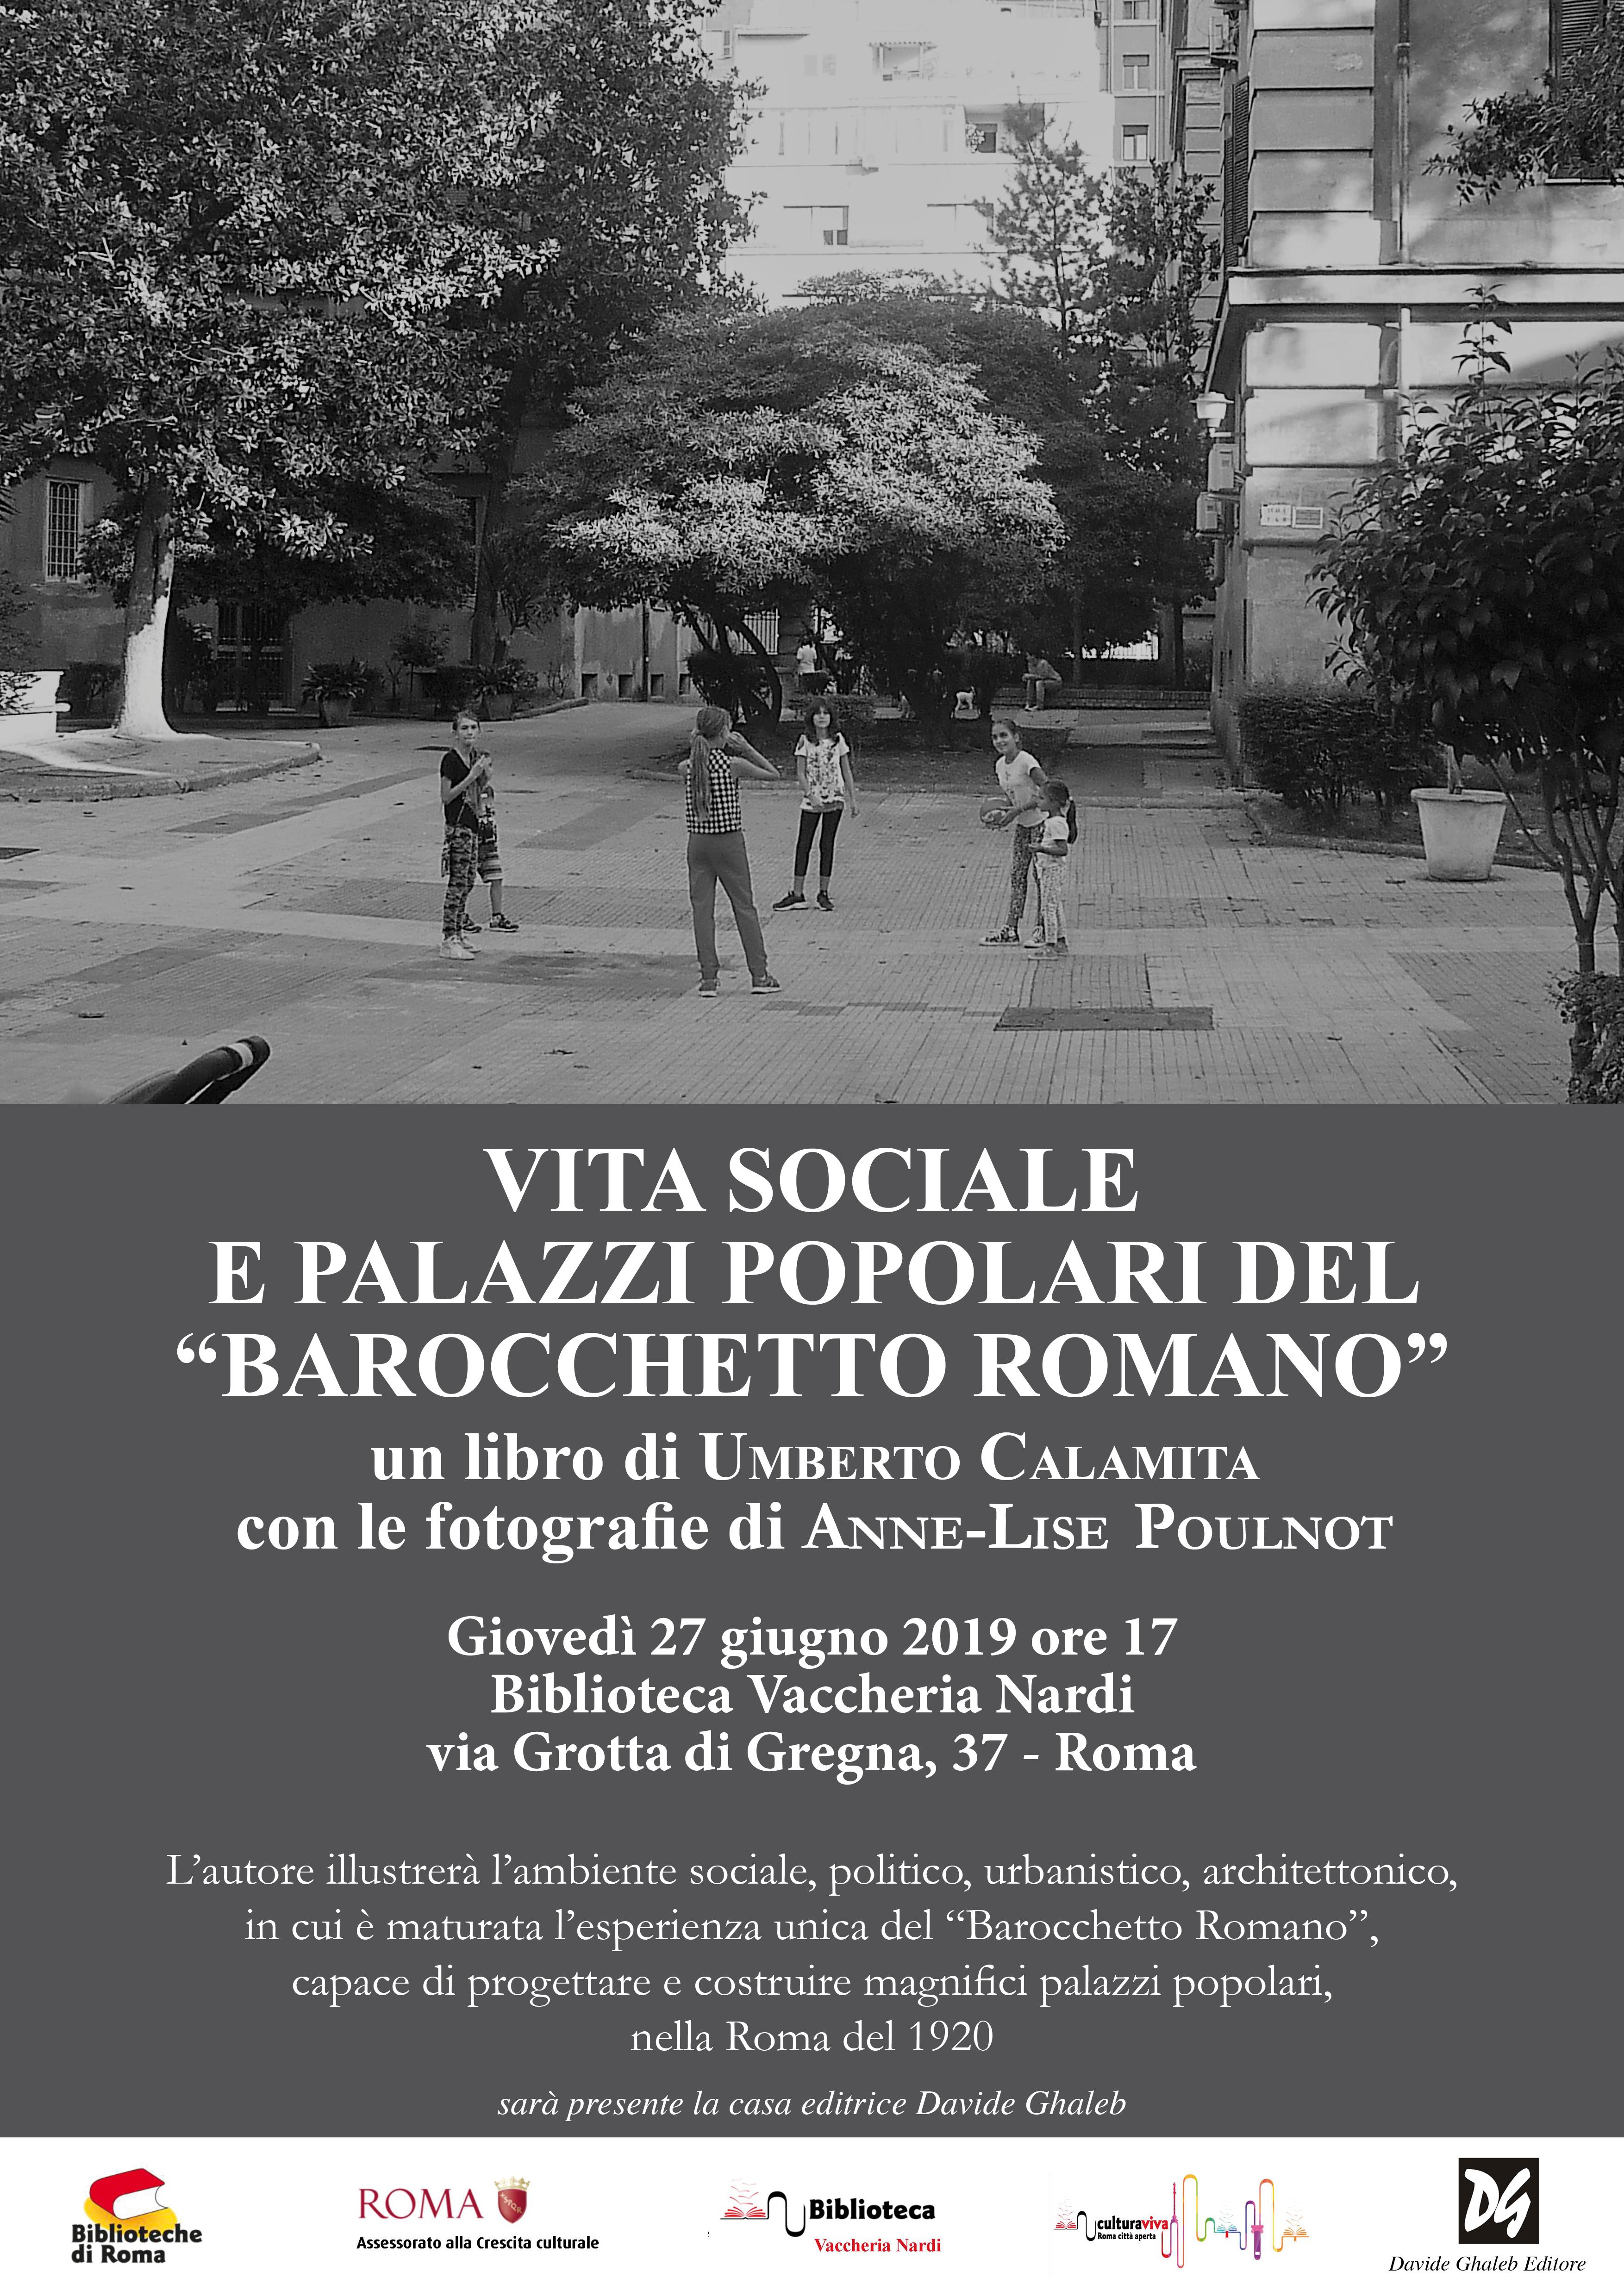 2019_06_27_barocchetto_gregna.jpg (3508×4961)